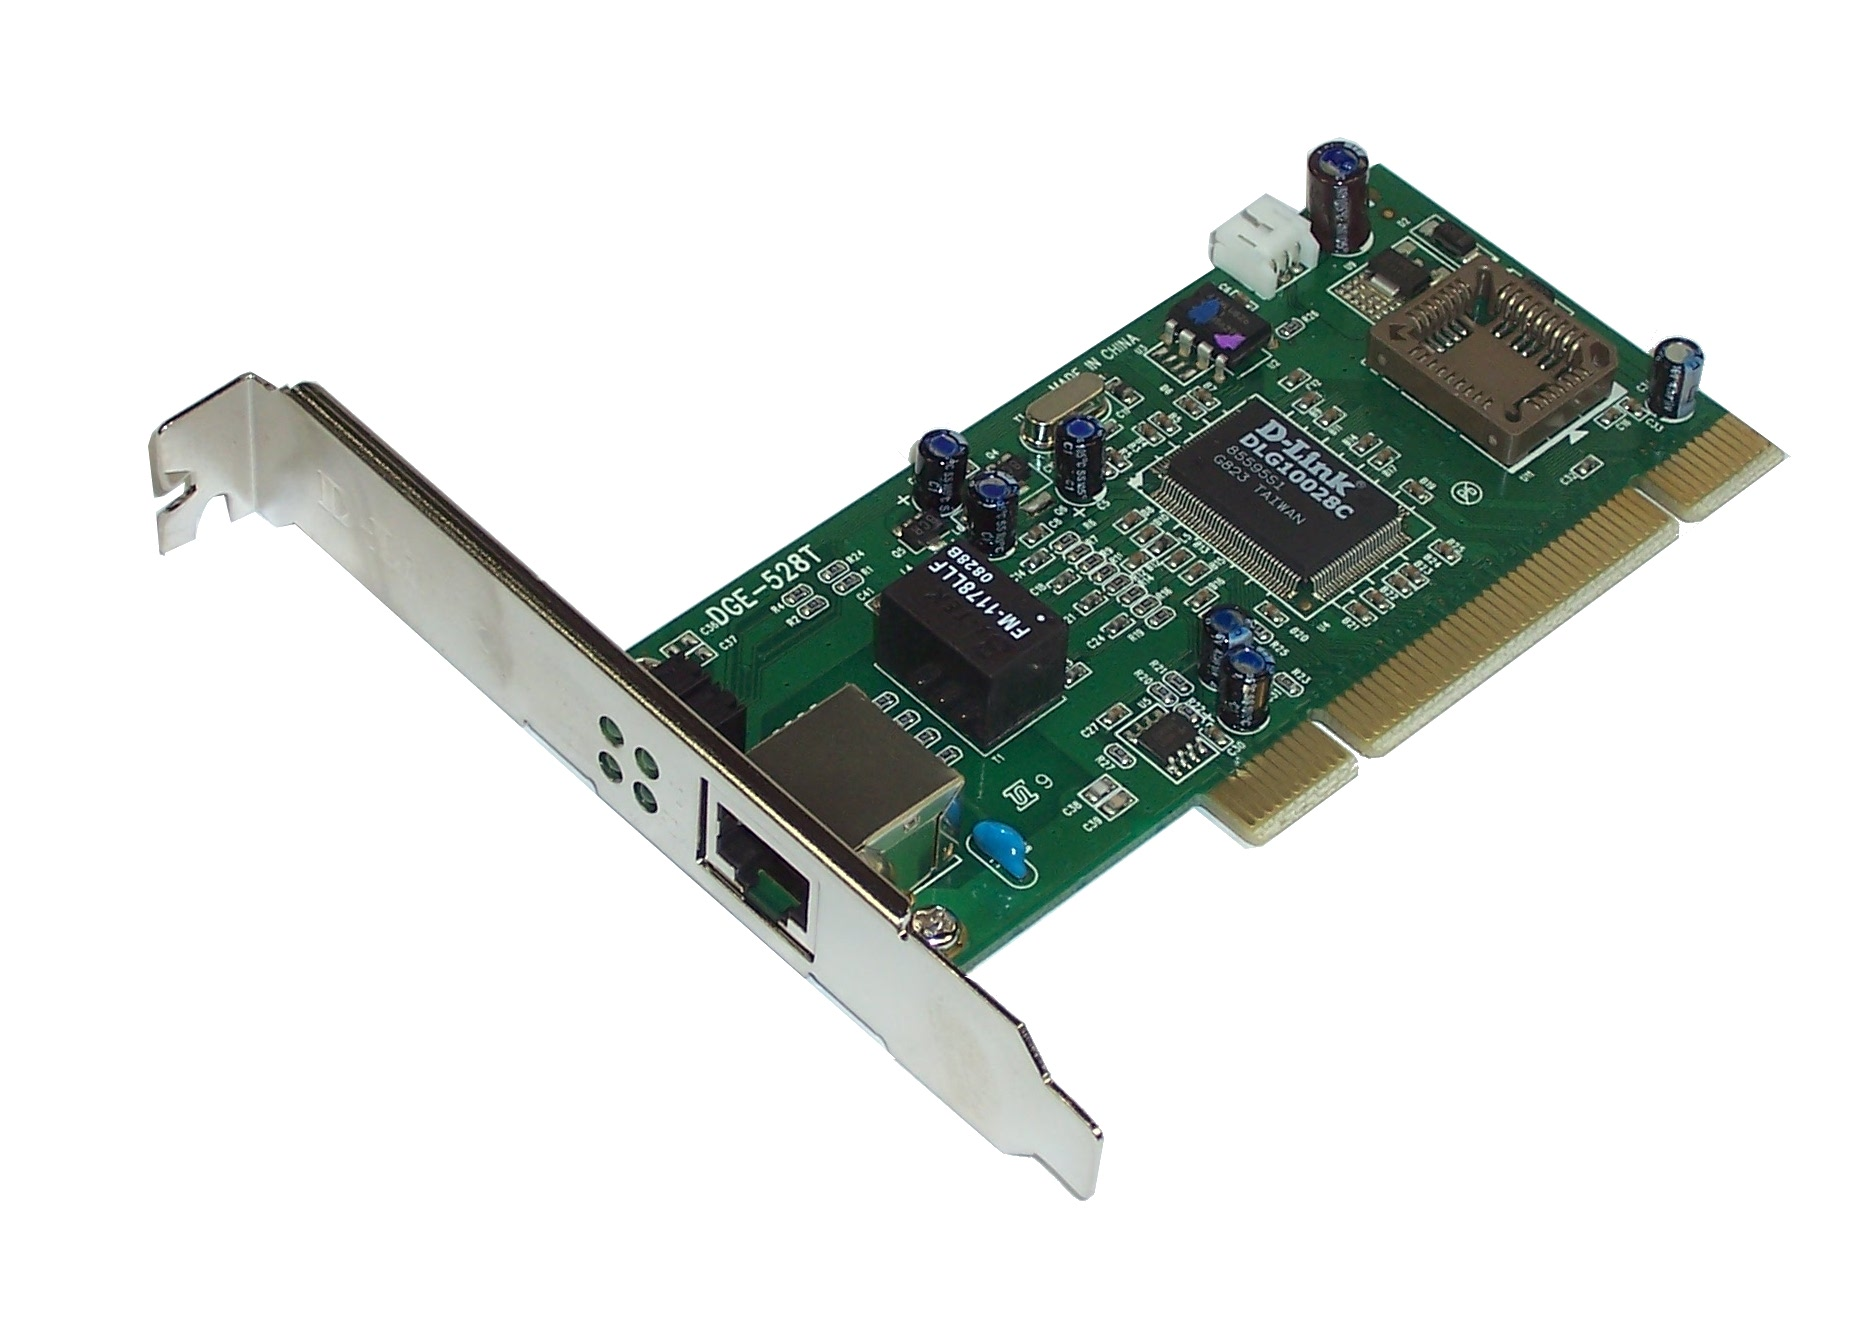 D Link Dge 528t Gigabit Ethernet Adapter Drivers Download